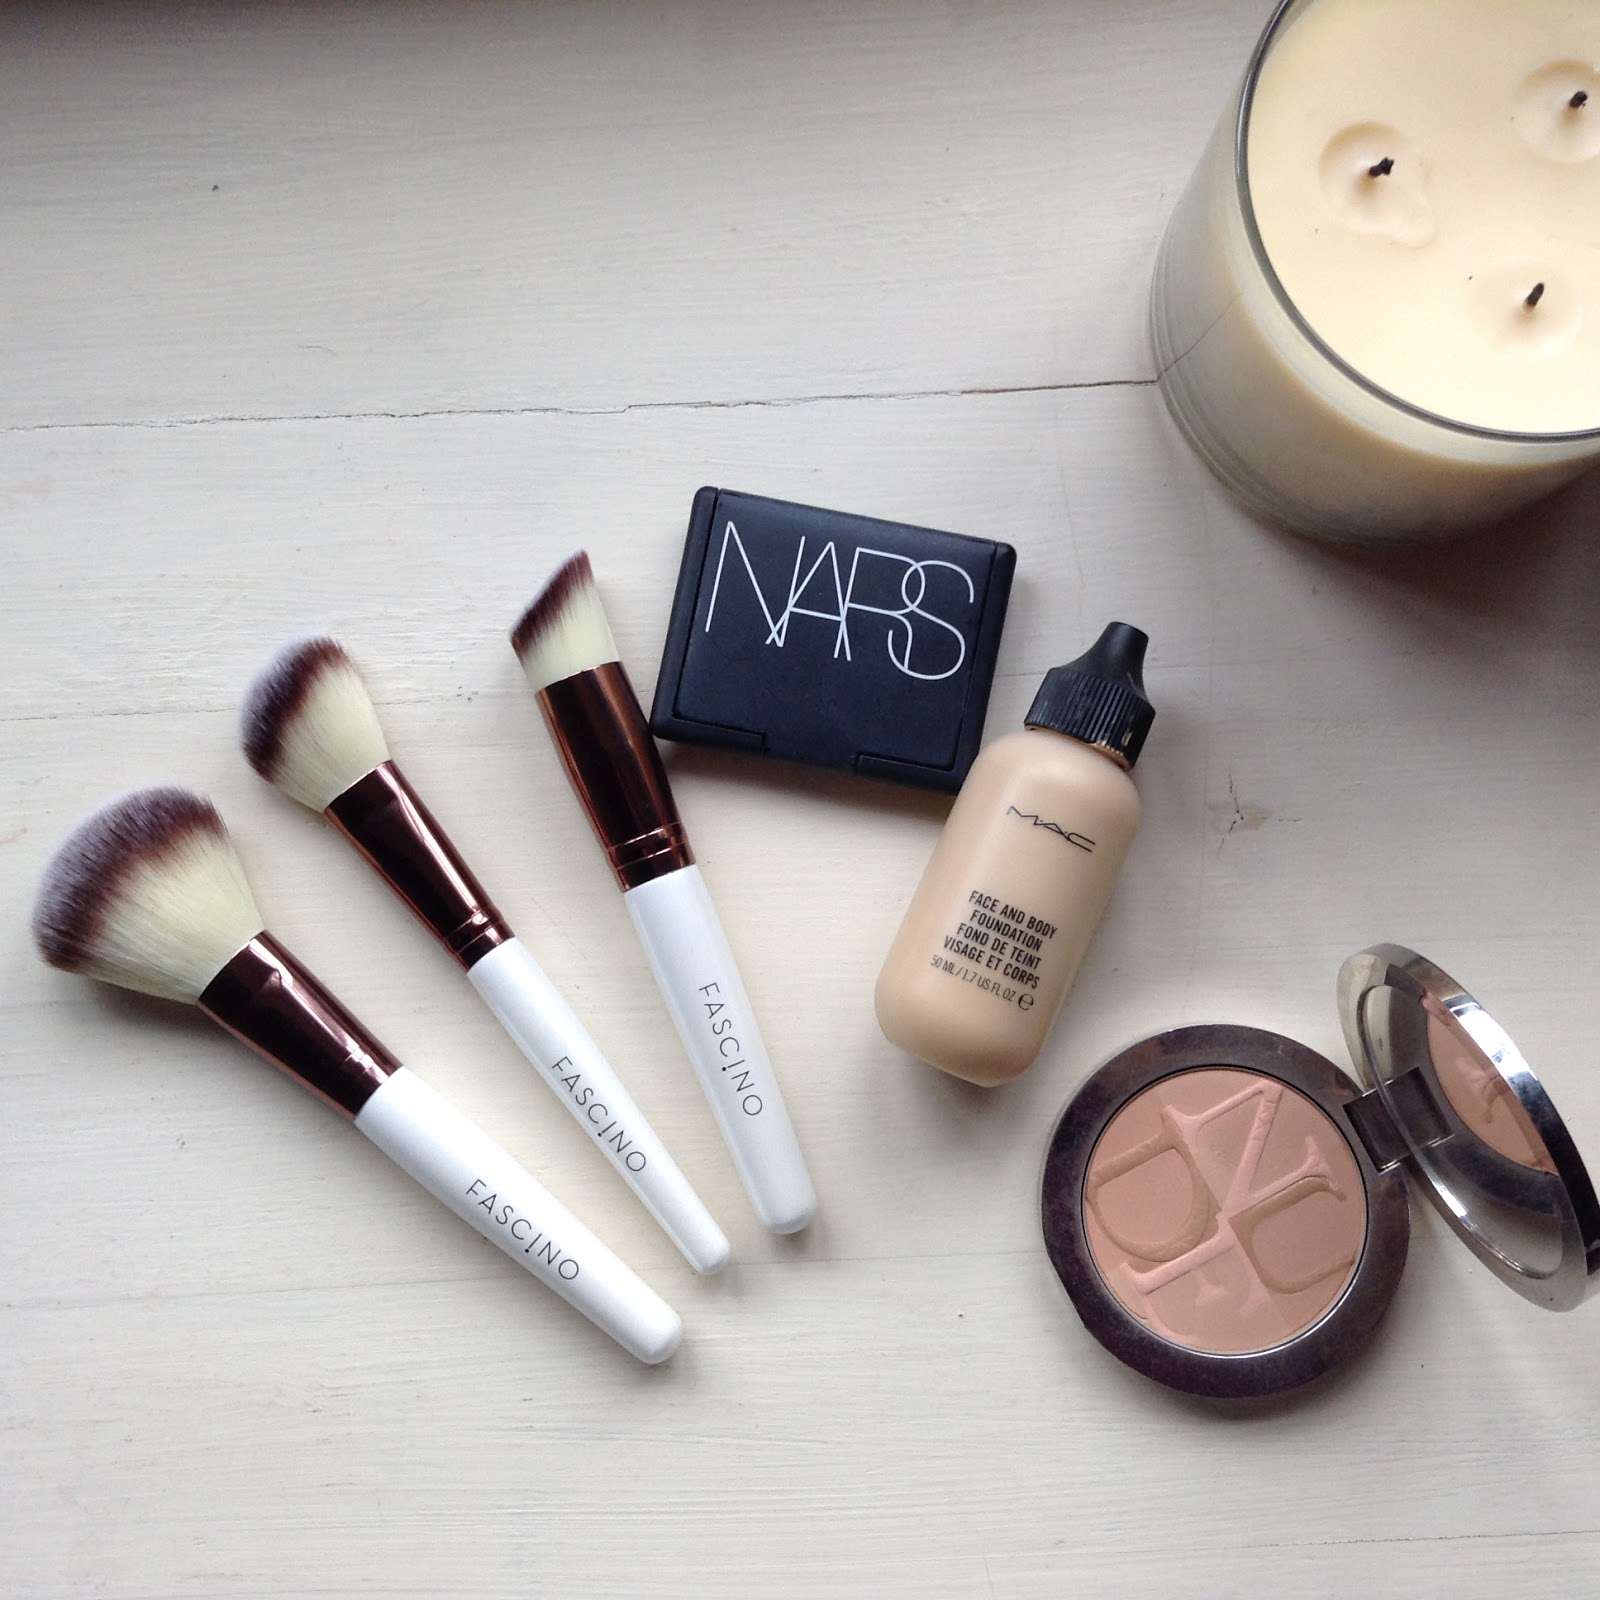 Kit Básico Fascino! Brochas esenciales para tu makeup! : Stardoll Estudio: Blog de belleza y moda Argentina